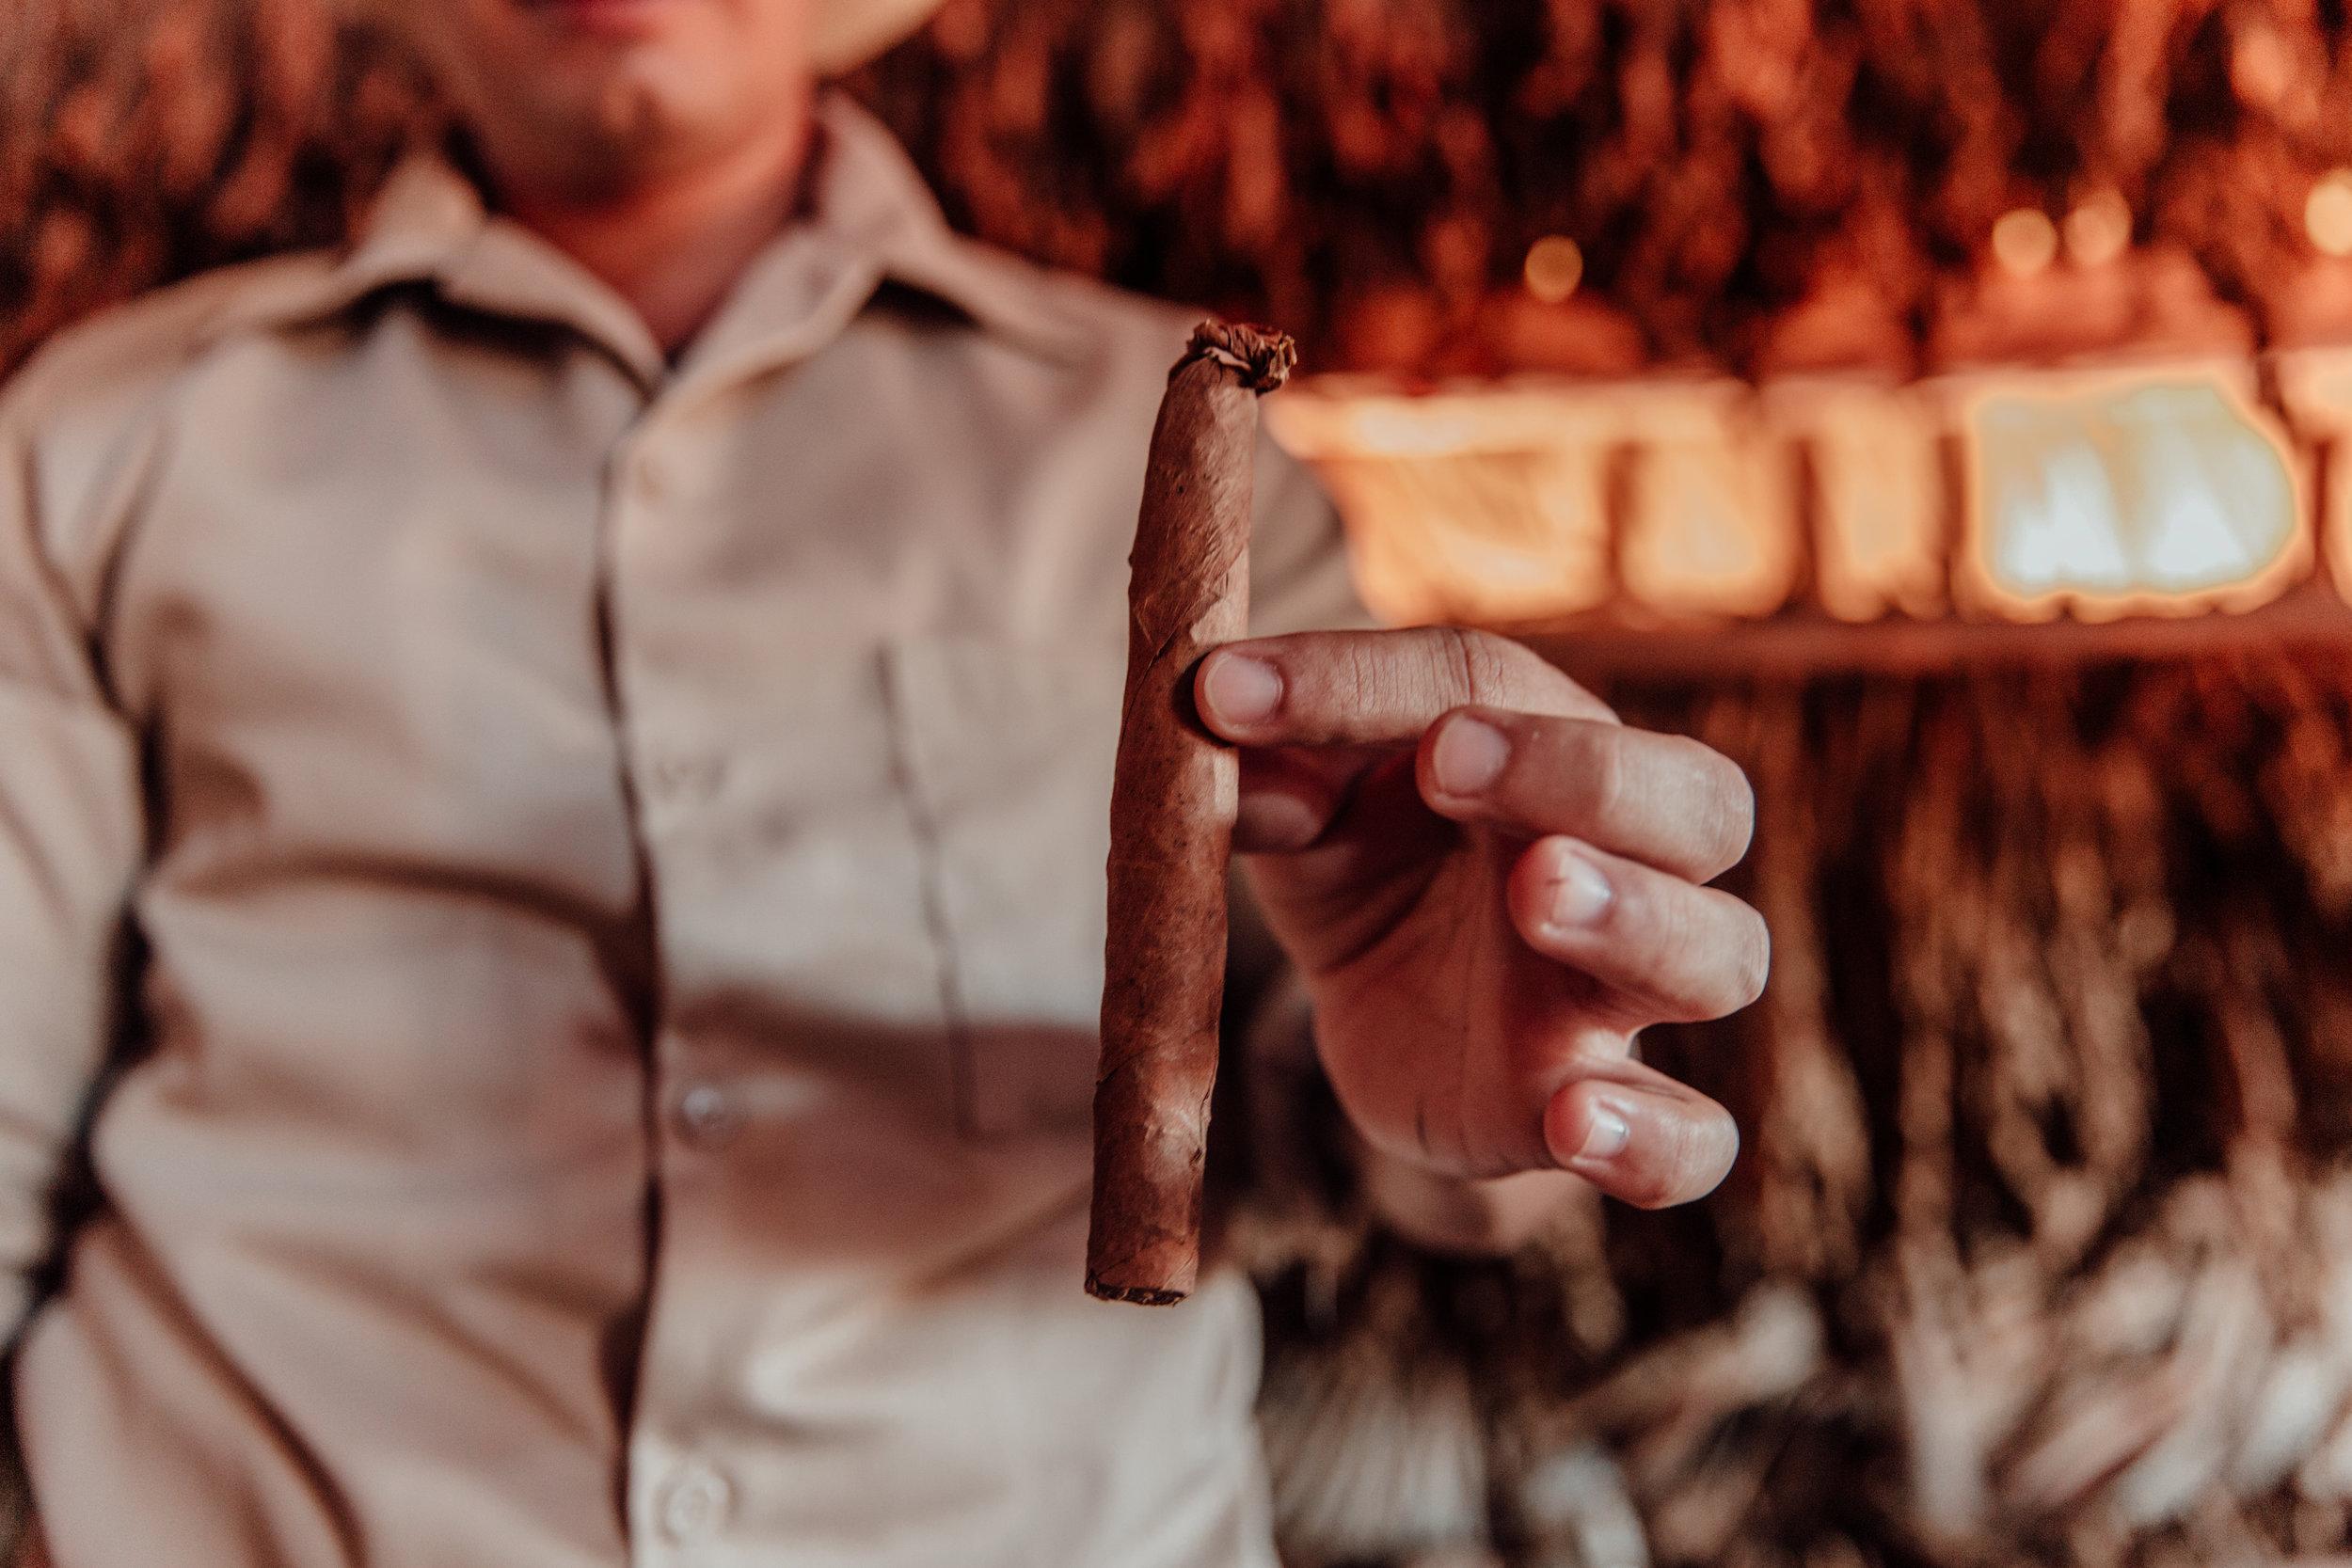 tabacco6.jpg